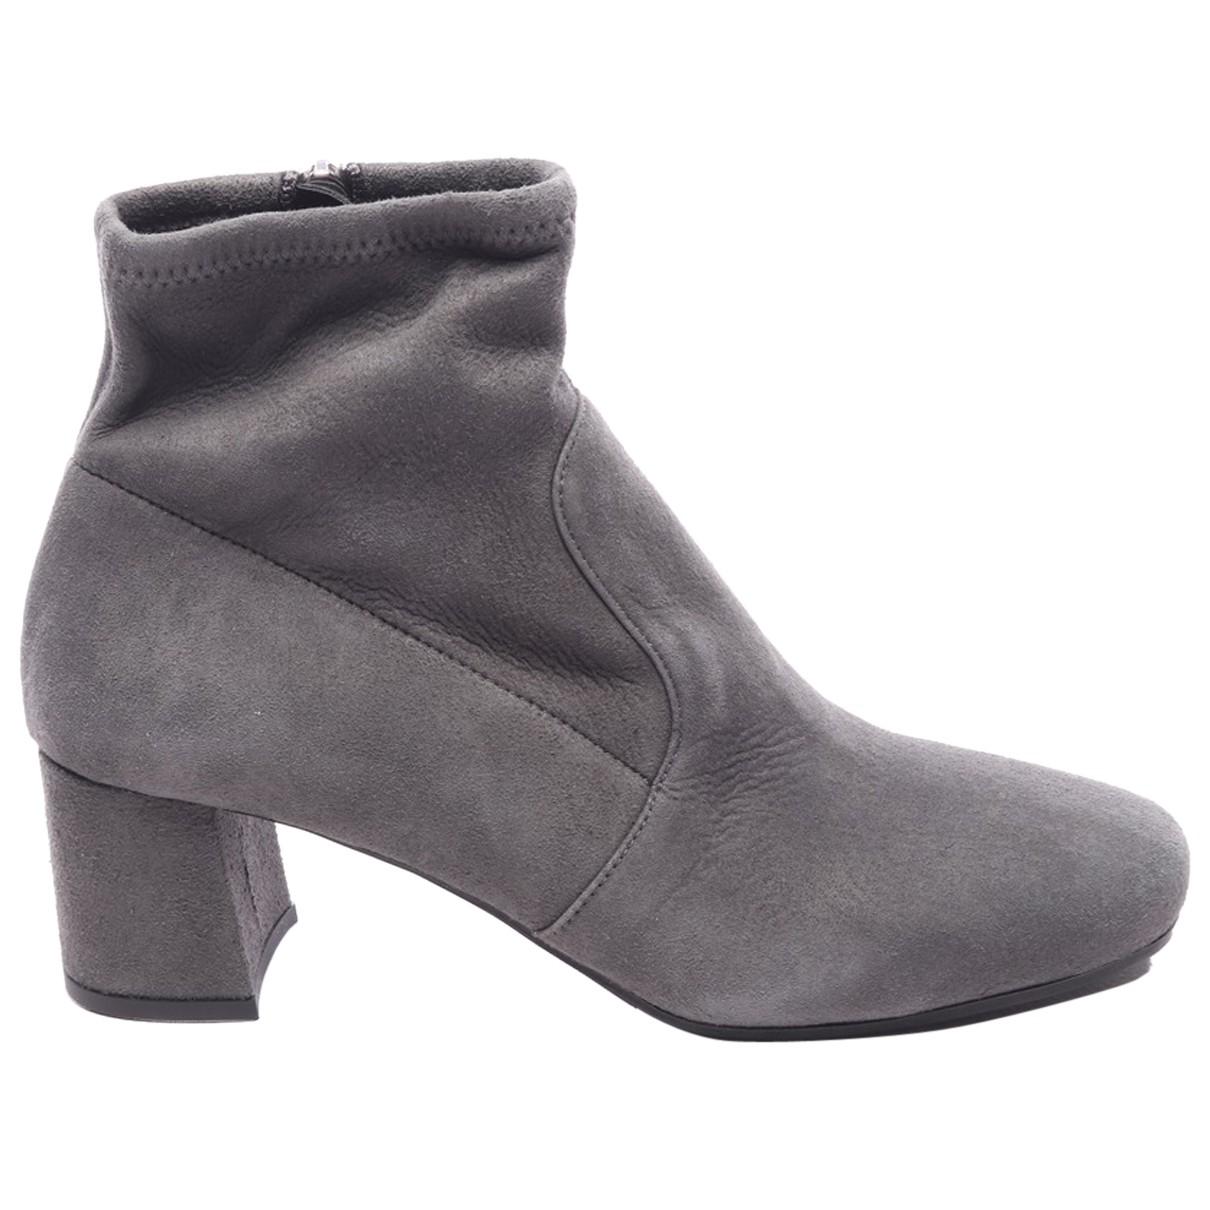 Prada - Boots   pour femme en cuir - gris